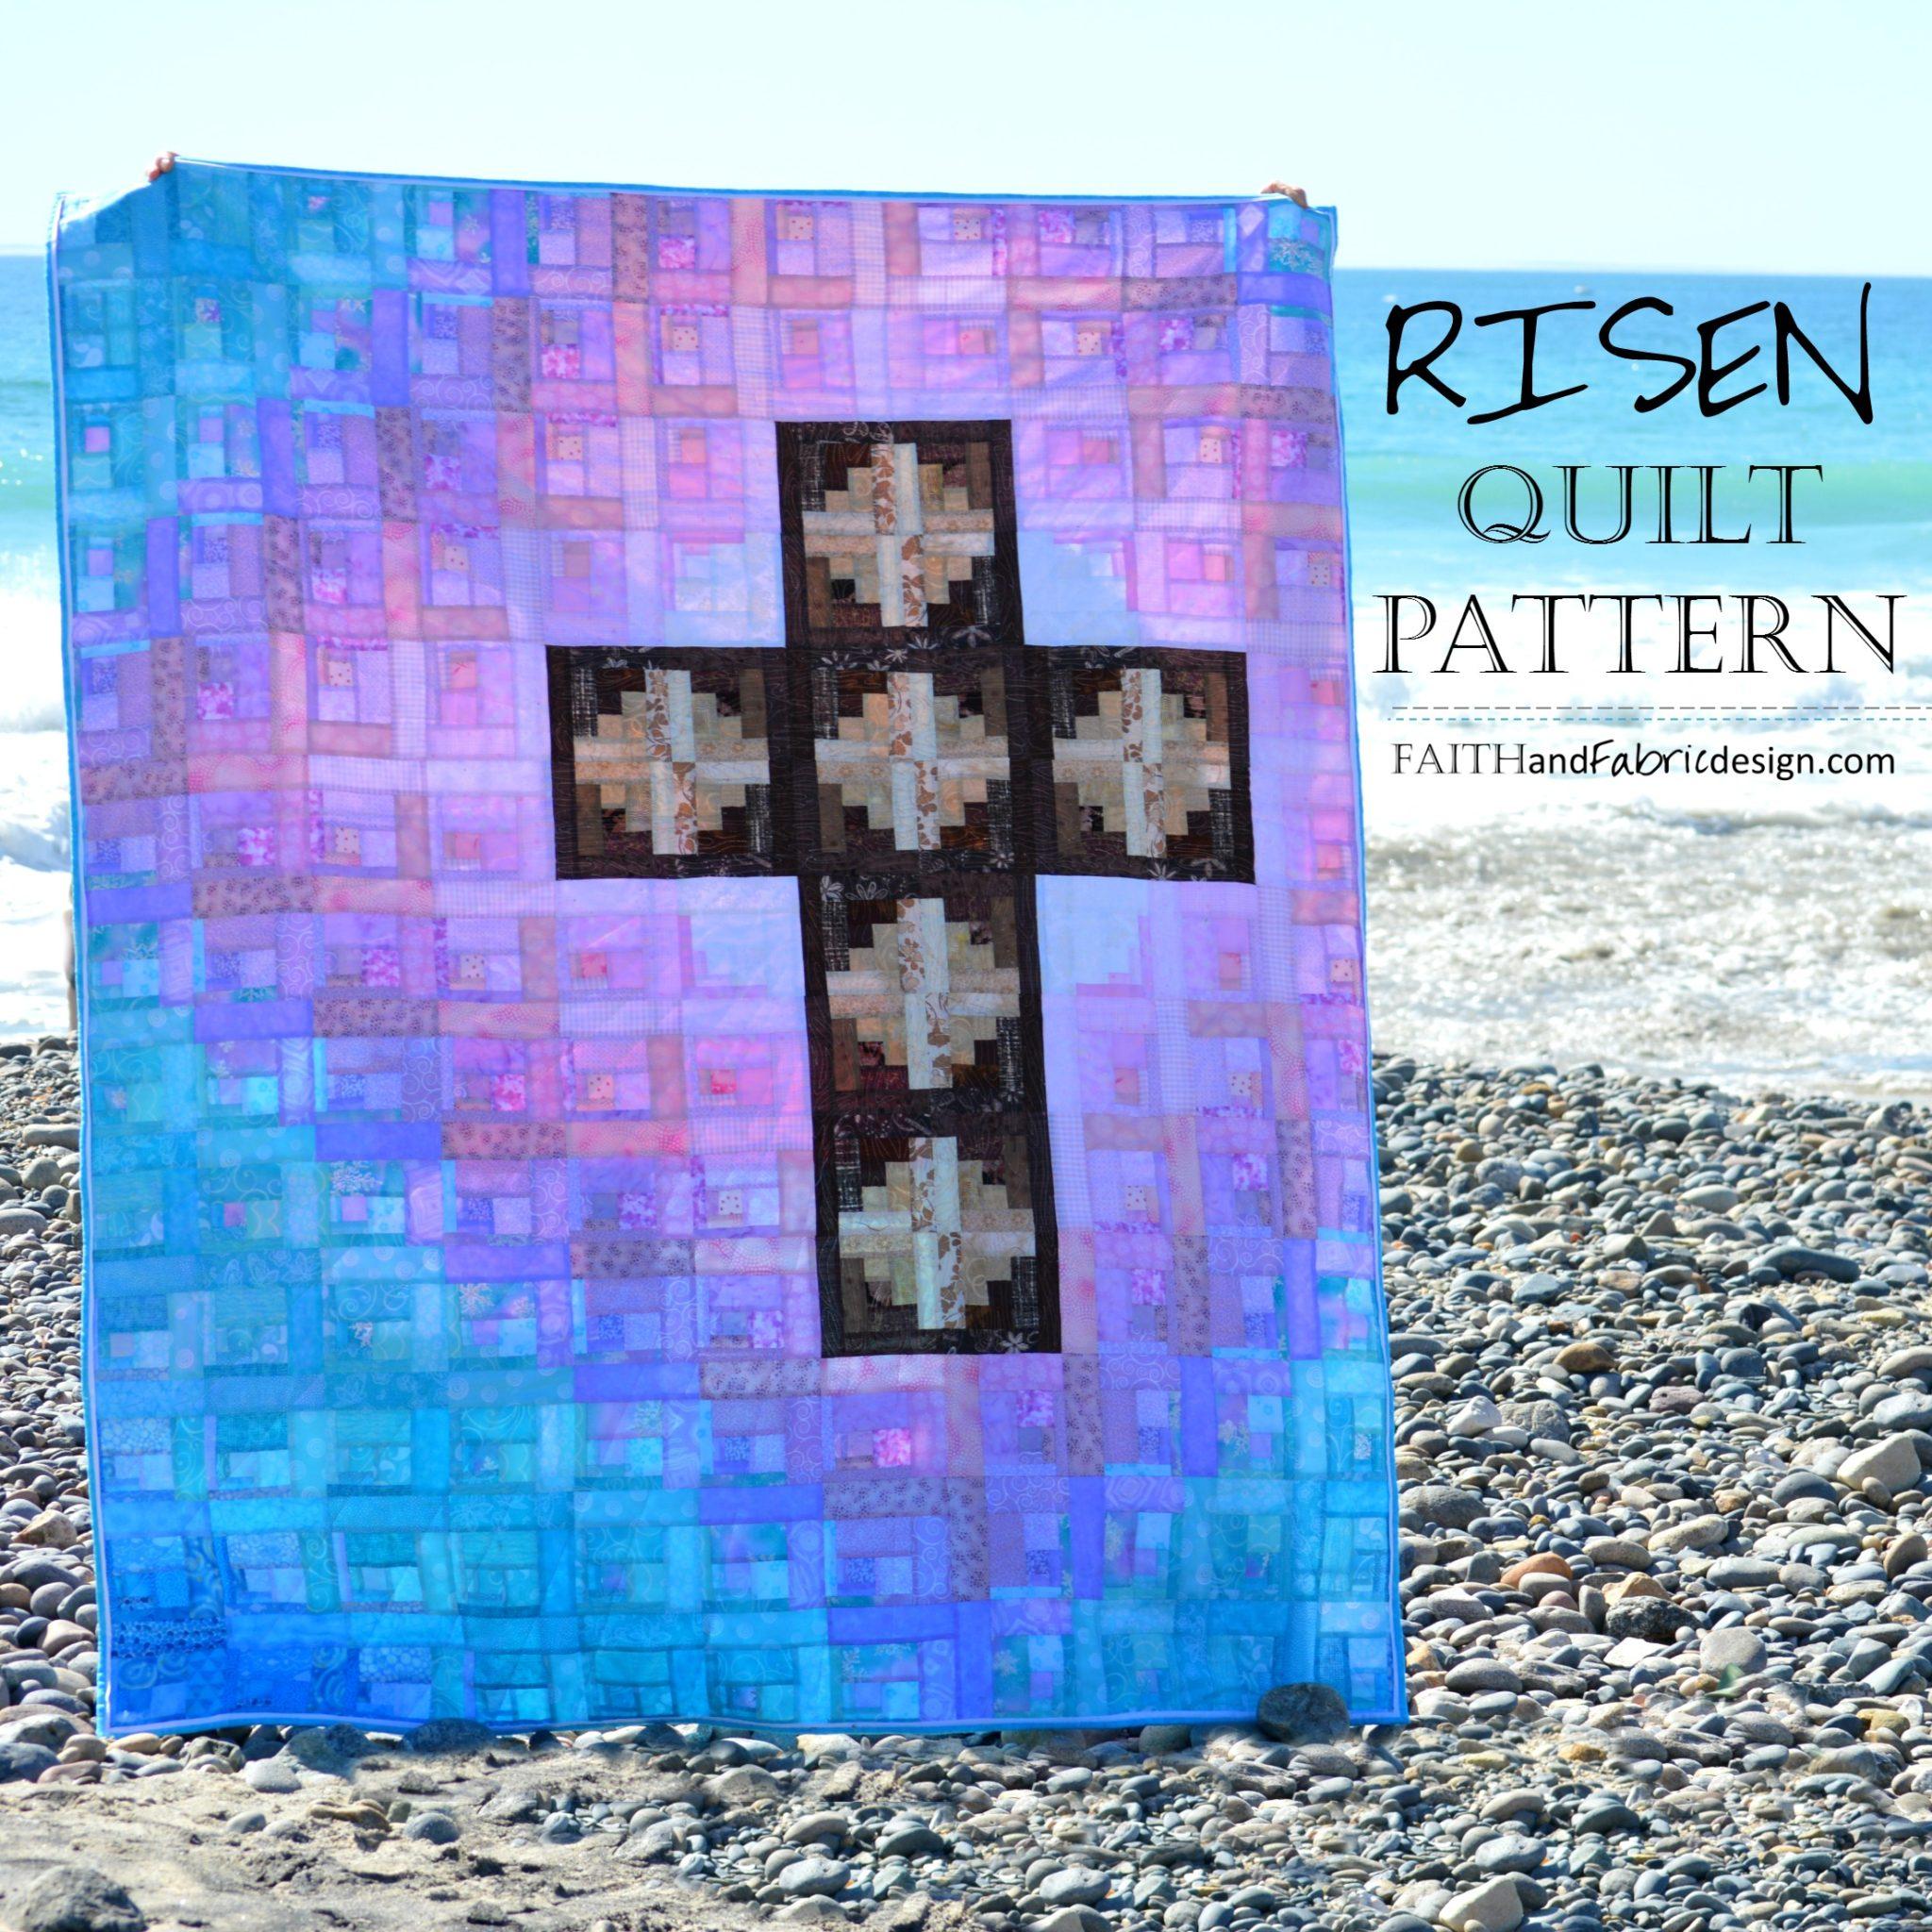 Pattern: Saint Valentine's Day Quilt Pattern